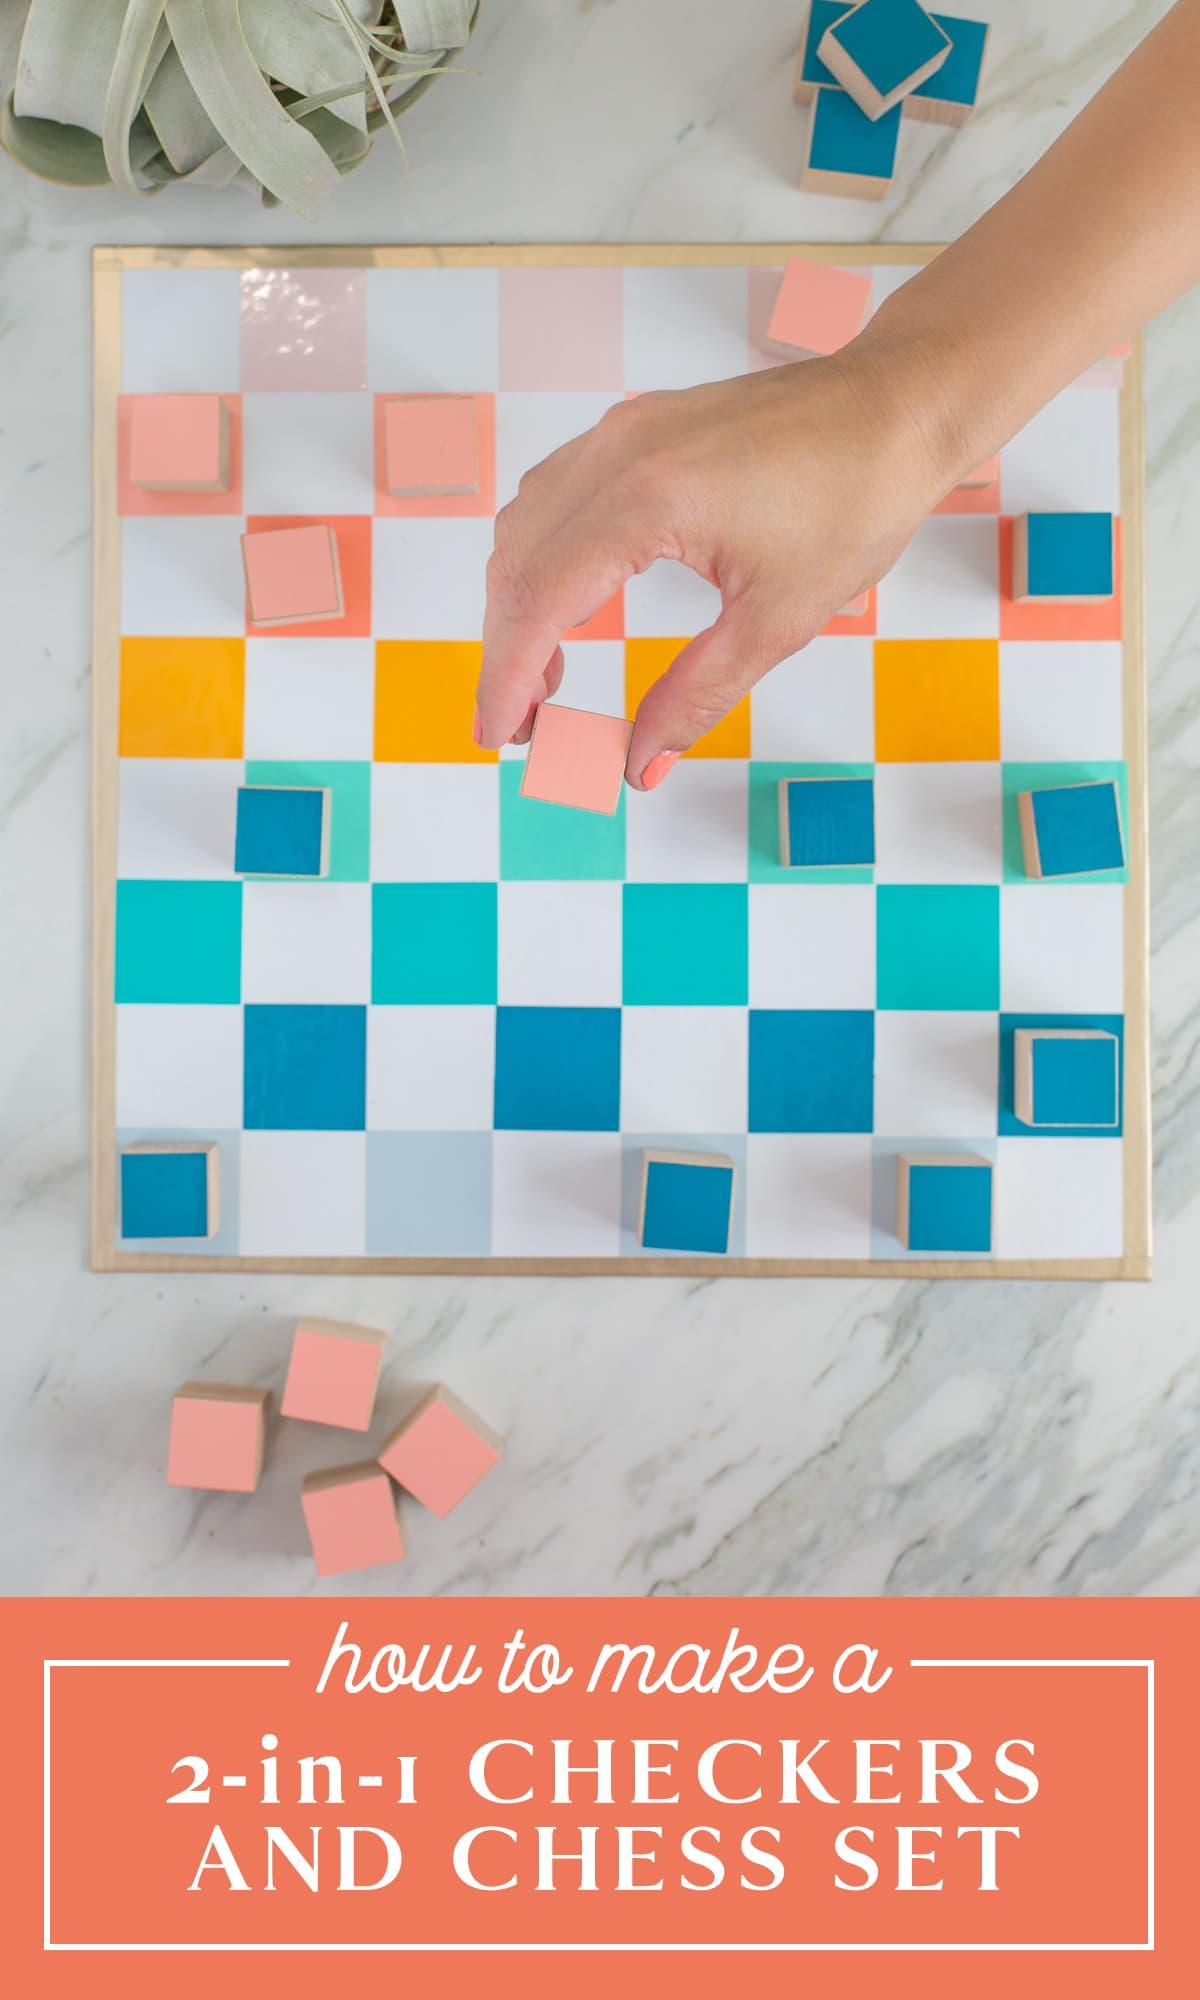 dáma és sakk készlet DIY